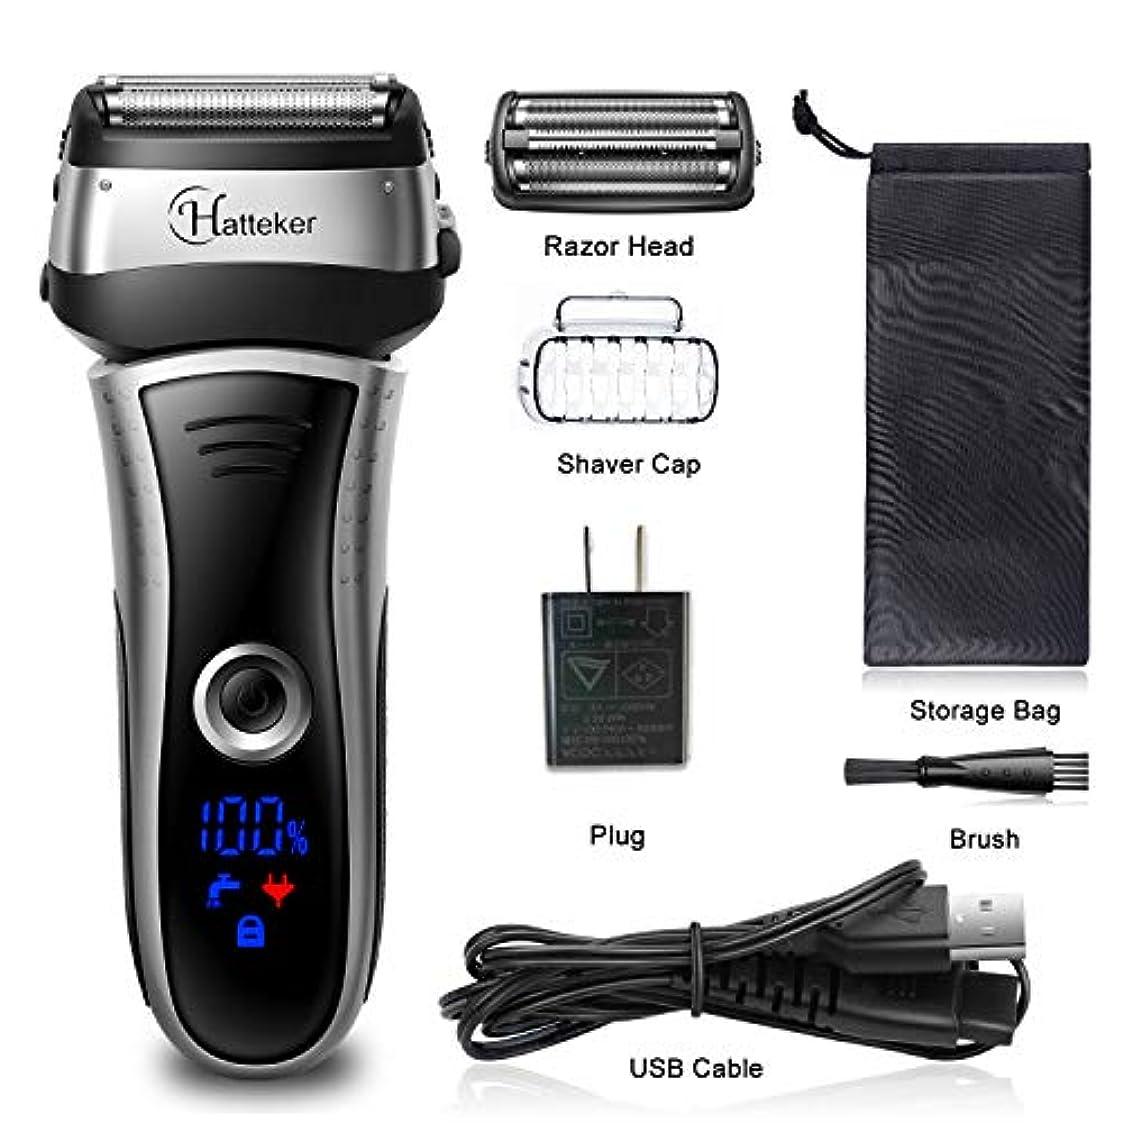 ギャングスターに沿って統合HATTEKER メンズシェーバー ひげそり 電動髭剃り 往復式シェーバー 3枚刃 USB充電式 LEDディスプレイ お風呂剃り & 丸洗可 替刃付きブラック